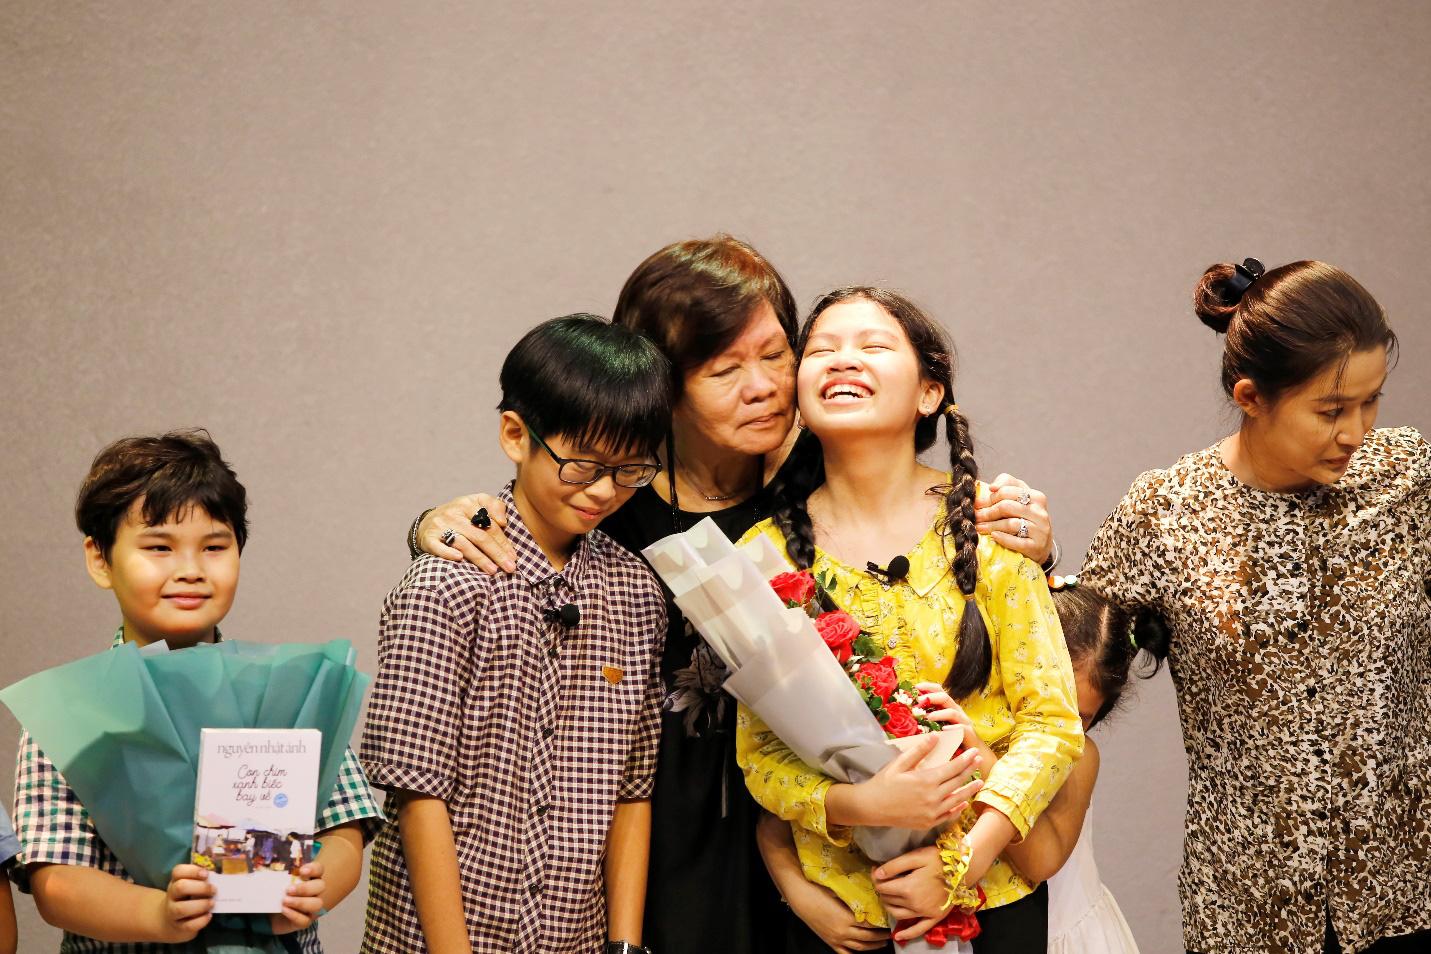 """""""Làm bạn với bầu trời"""" của nhà văn Nguyễn Nhật Ánh lên sân khấu kịch học đường - Ảnh 1."""